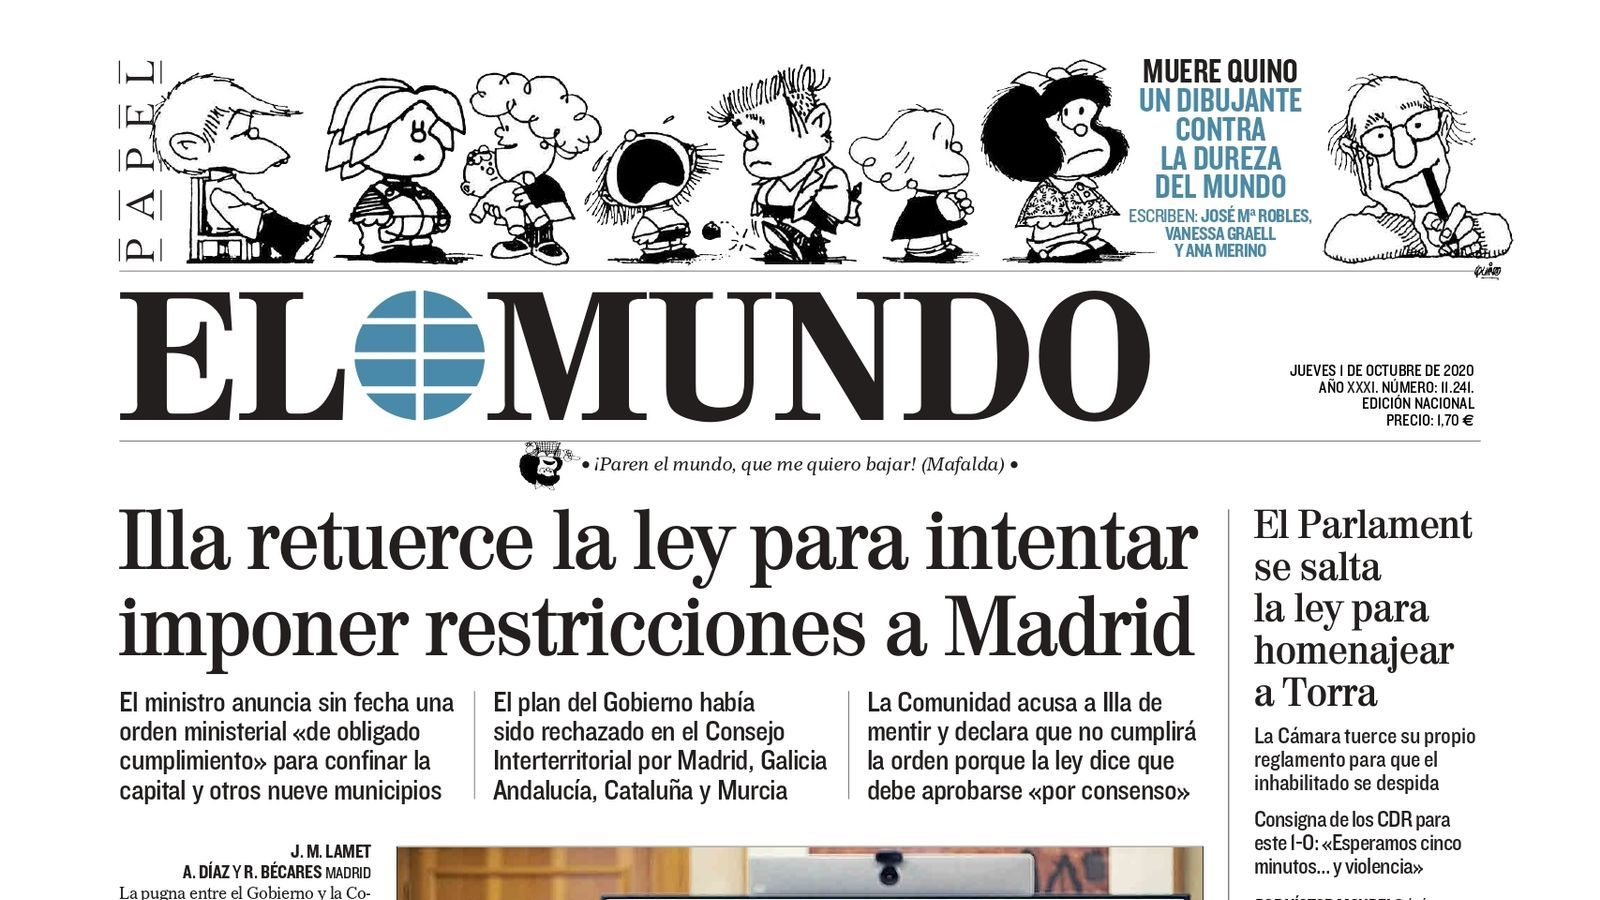 1/9/20 El Mundo